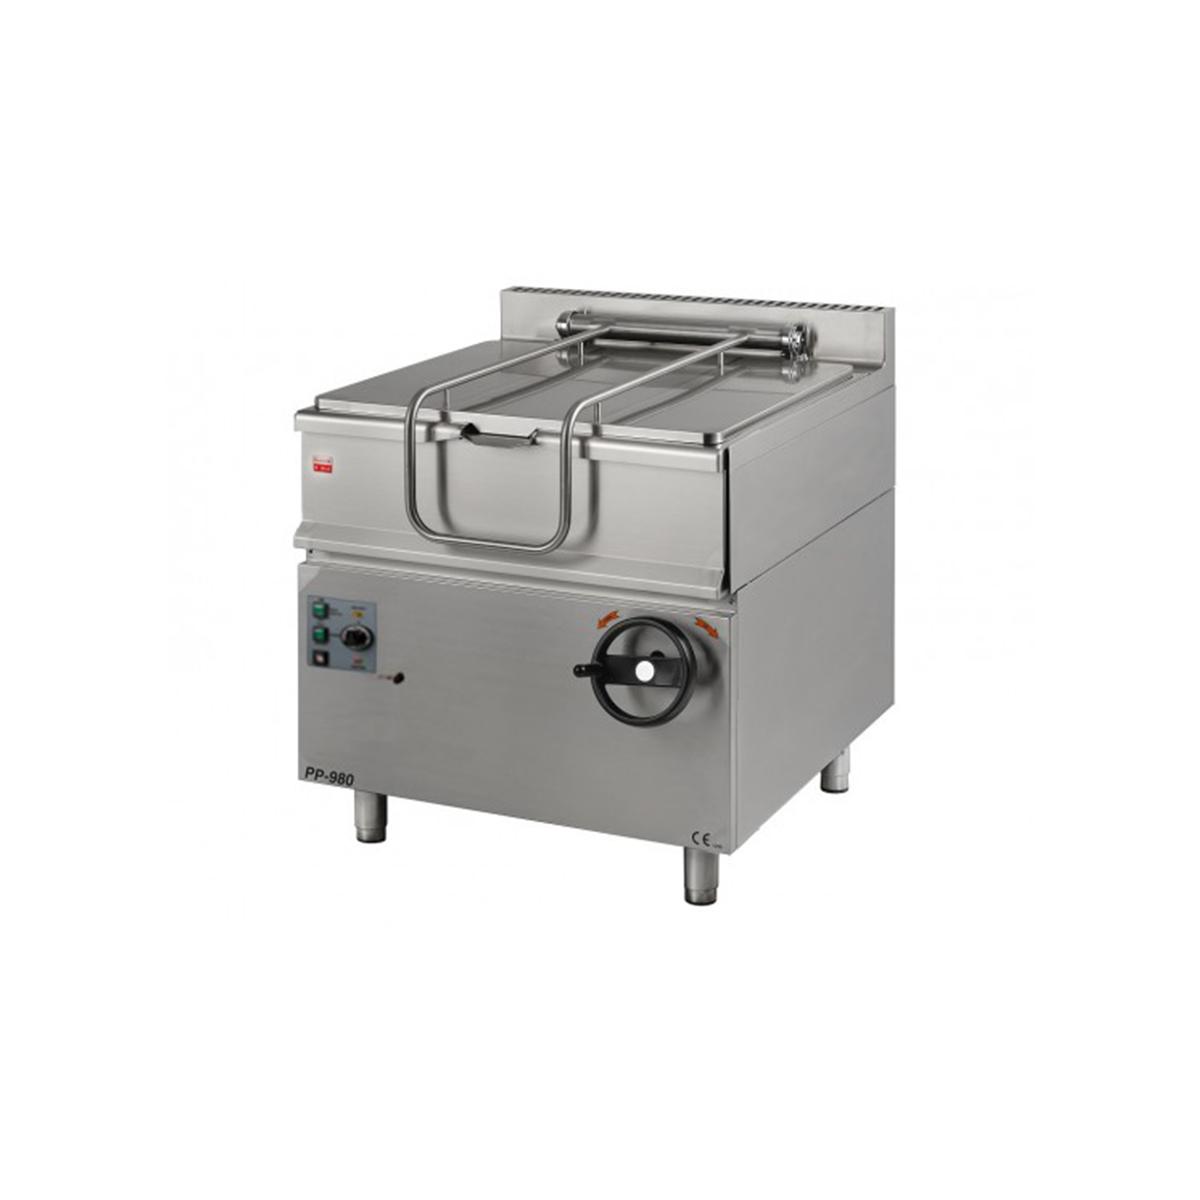 Plynová smažiaca panvica - PP-980